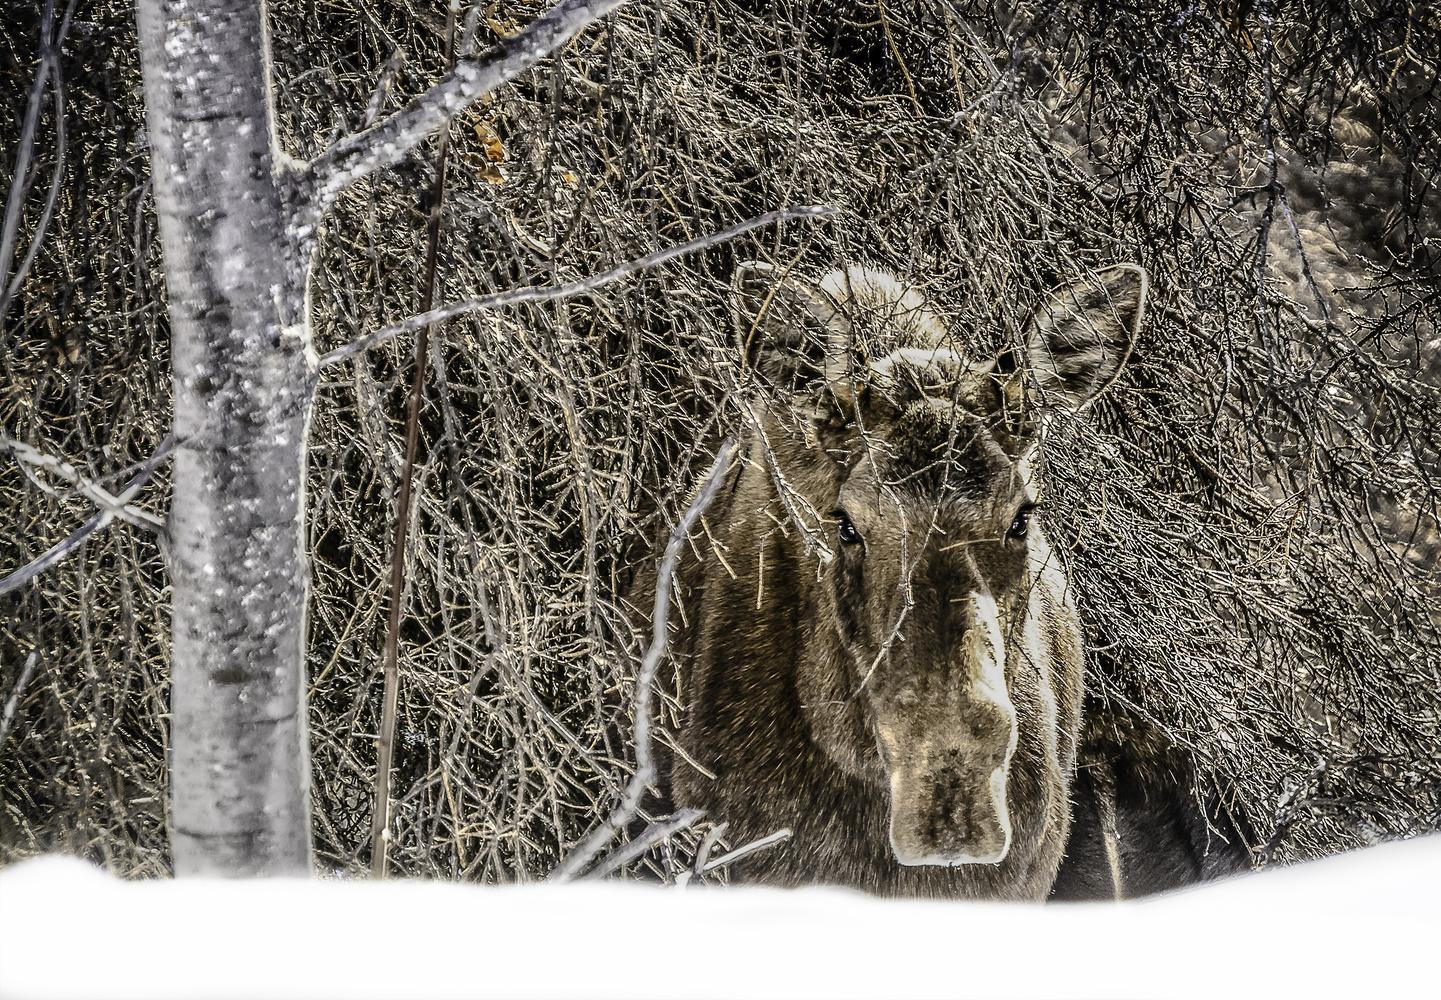 Alaska Moose by Heather Langlois